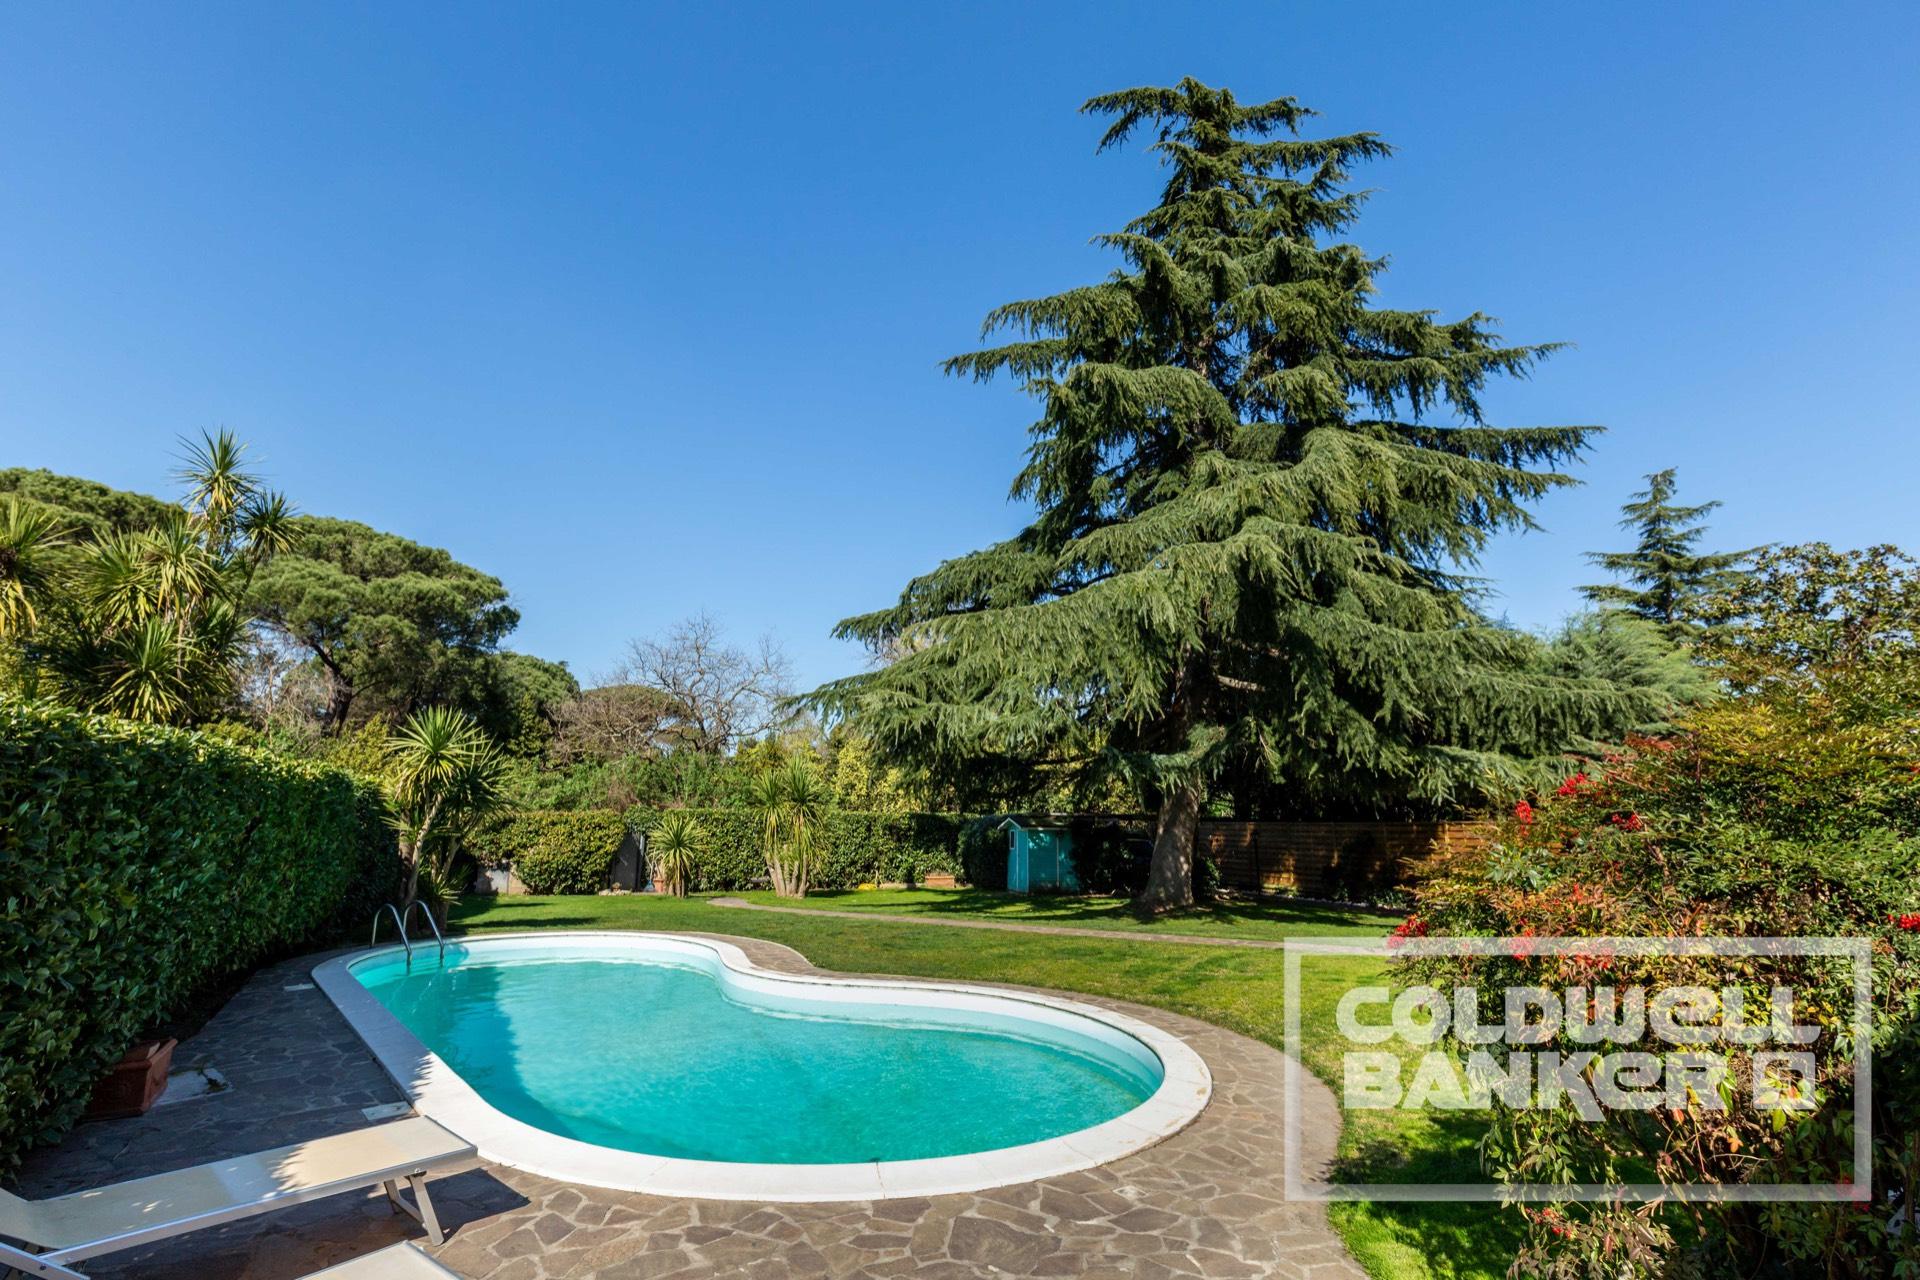 Villa in vendita a Roma, 7 locali, zona Zona: 42 . Cassia - Olgiata, prezzo € 690.000 | CambioCasa.it